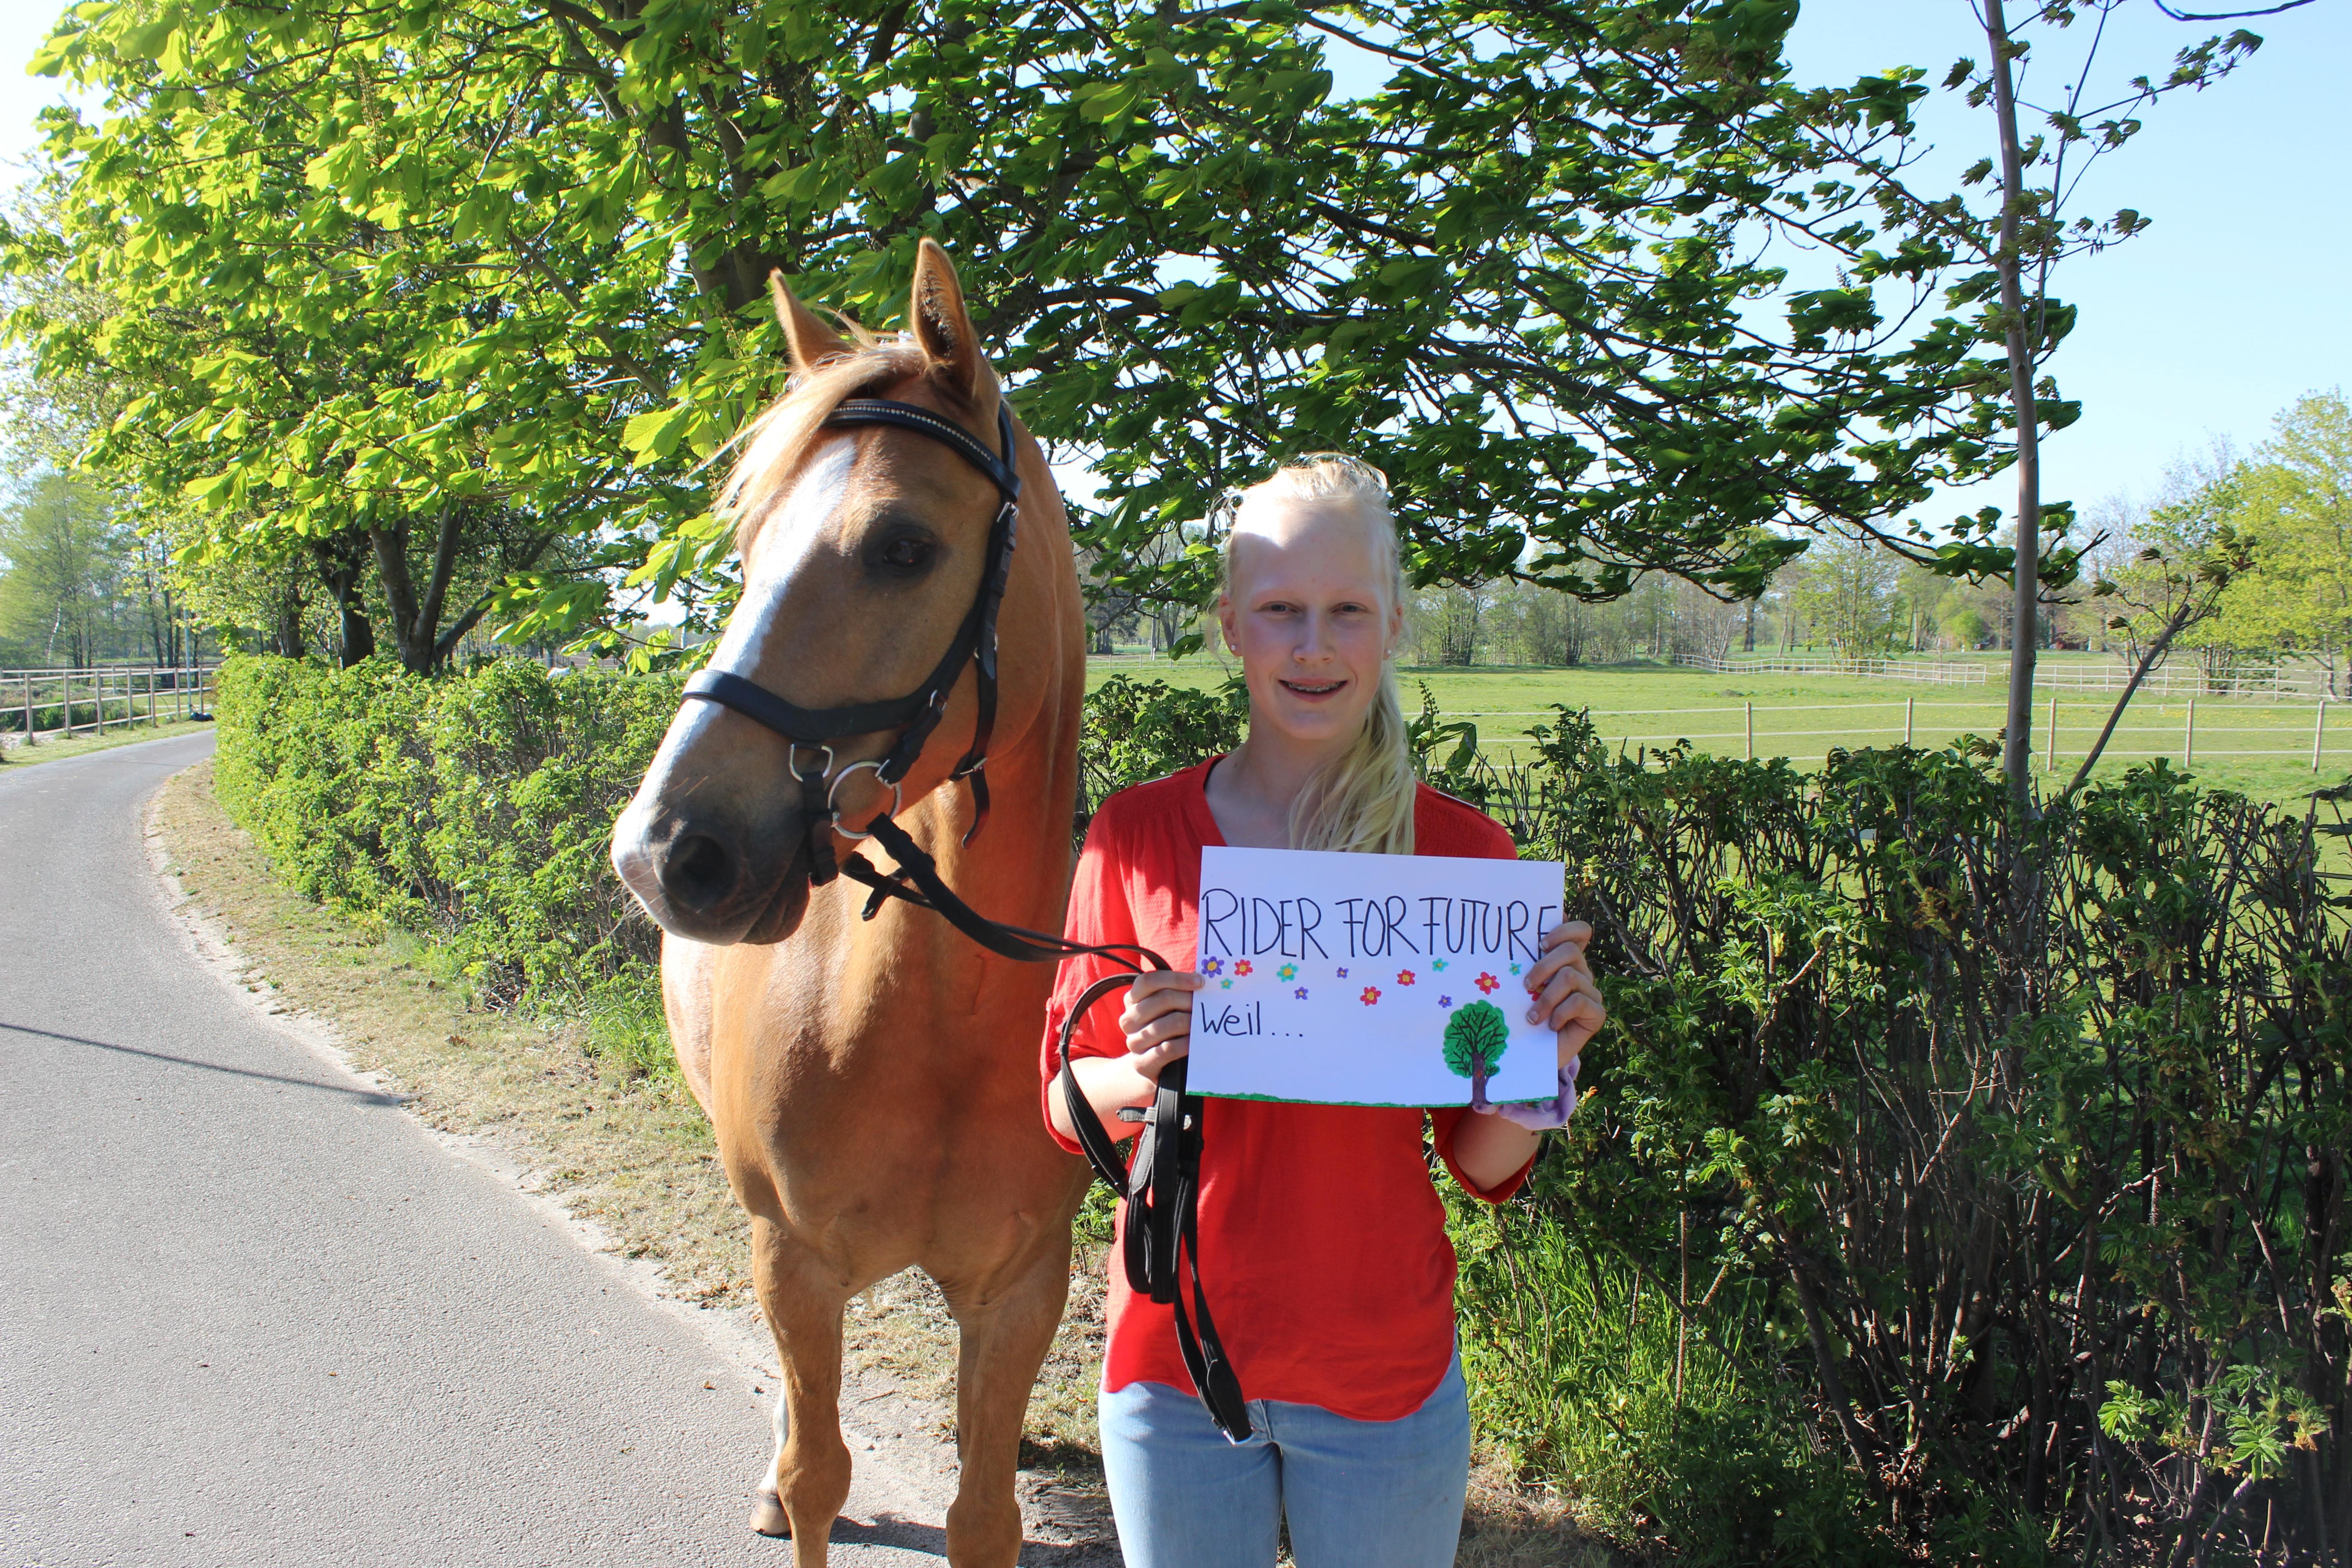 Das ist Emily Thümmel. Sie hat Riders for Future gegründet.